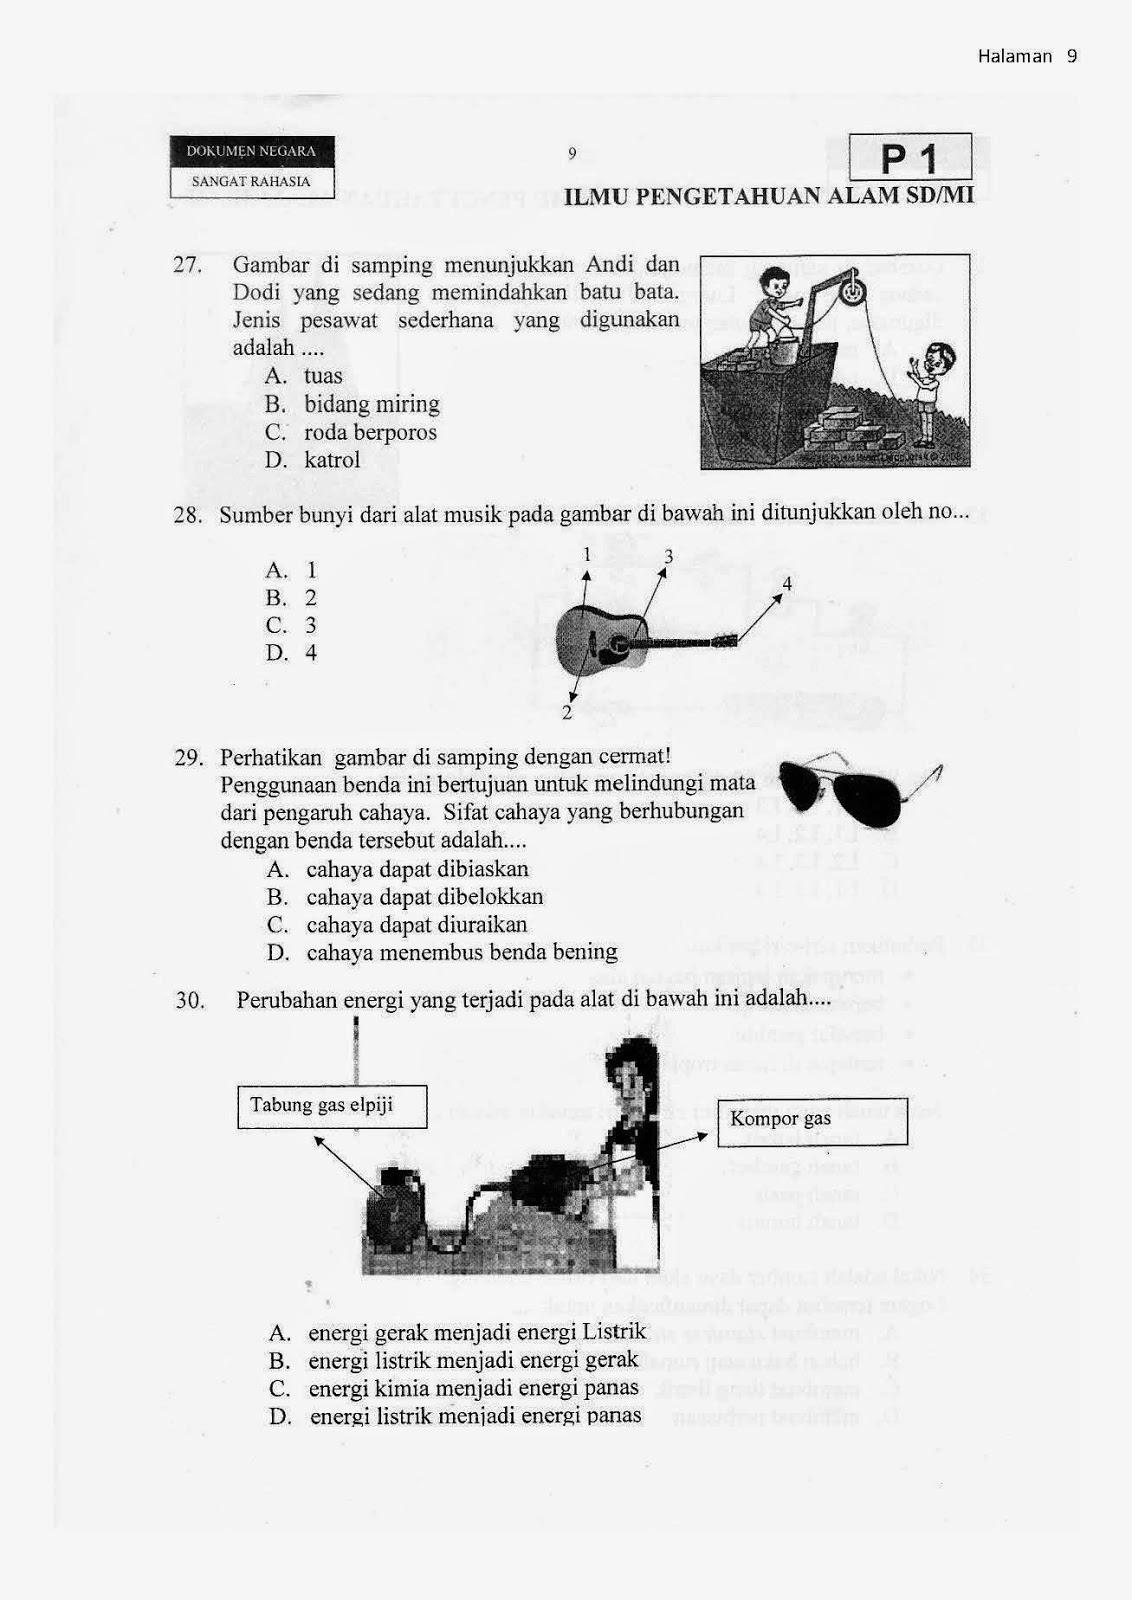 Soal Latihan Untuk Sd Kelas 6 Ipa Persiapan Ujian Biologi Gonzaga Persiapan Ujian Ipa Sd Kelas Vi